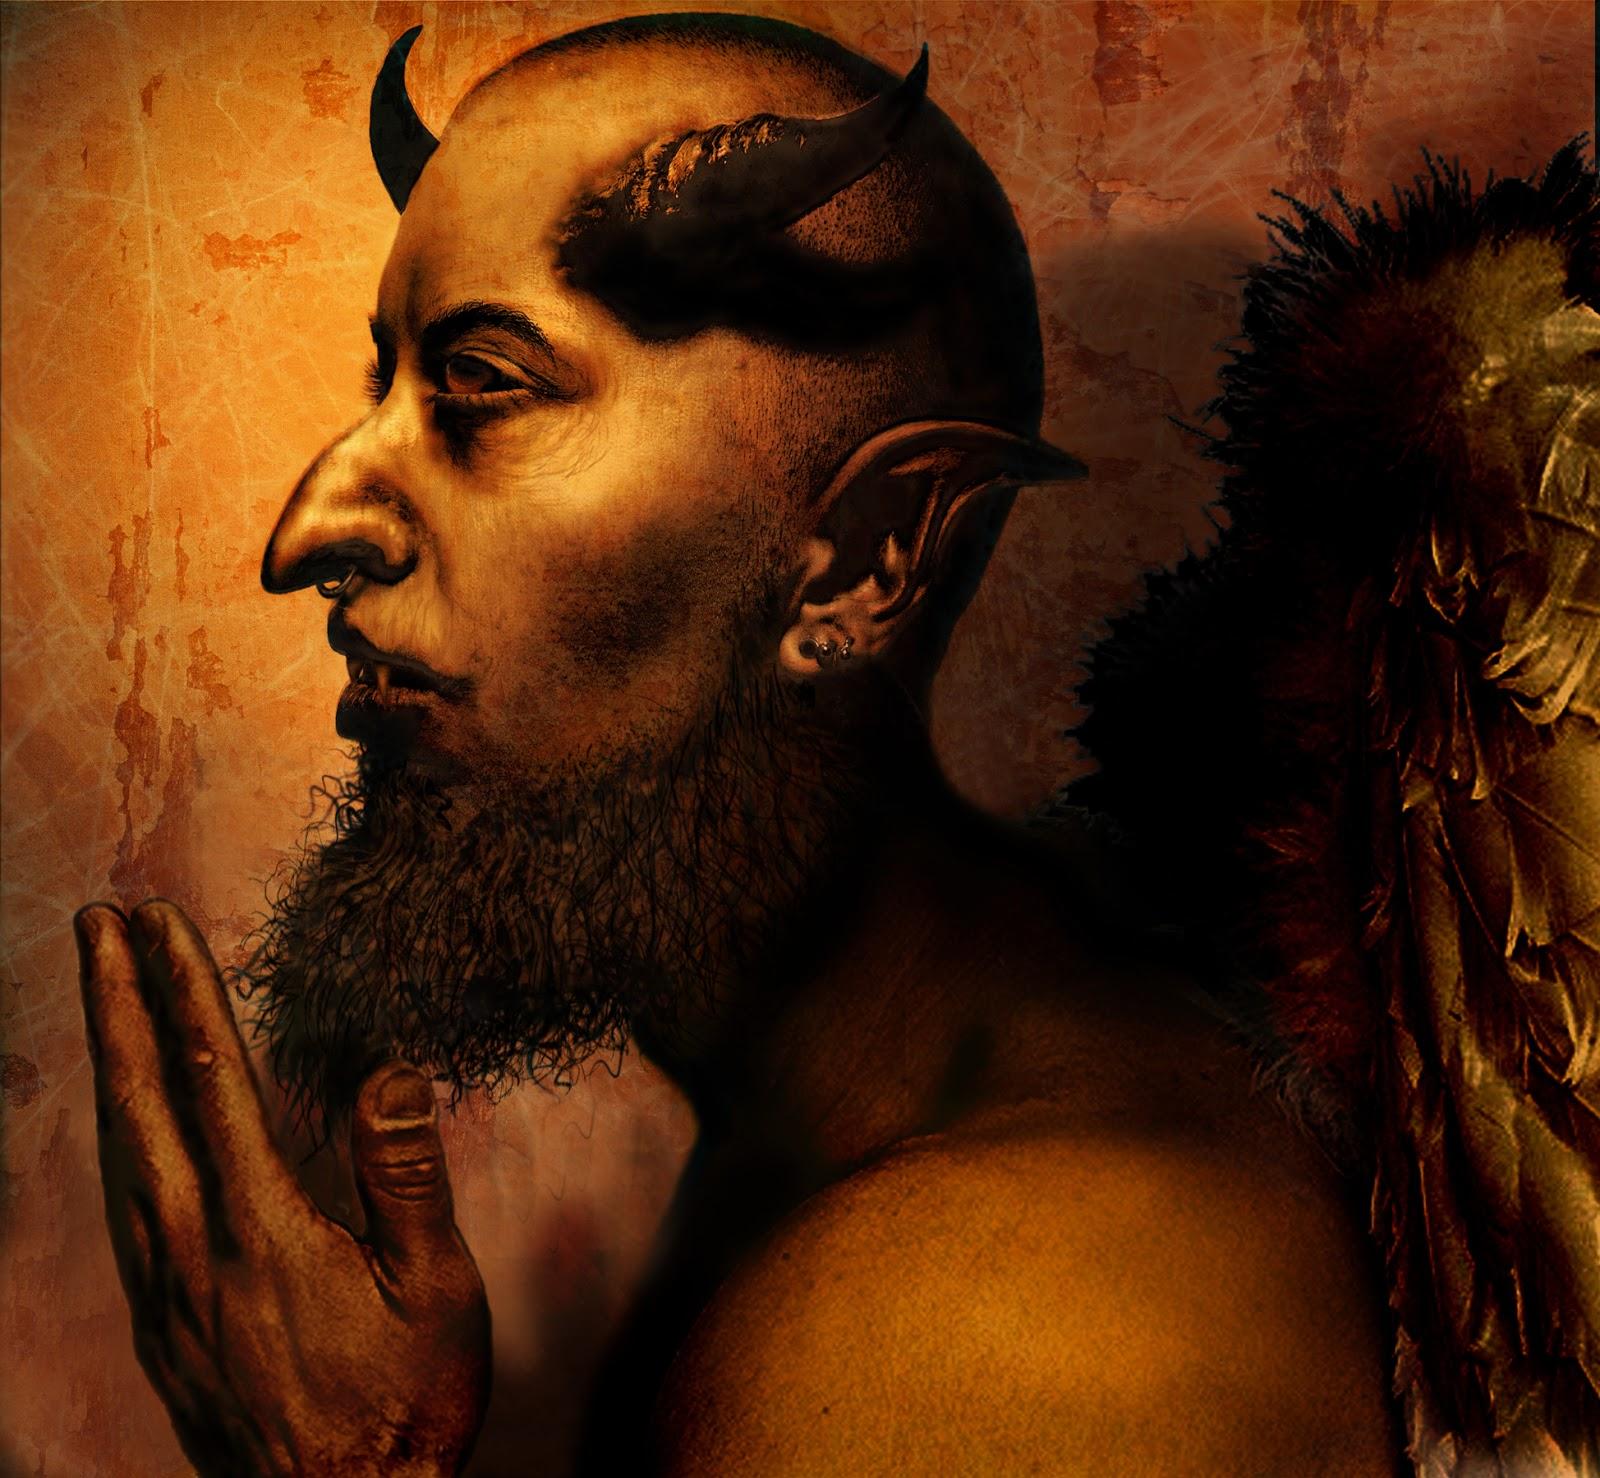 Satan Wallpaper Du392jpg 1600x1478